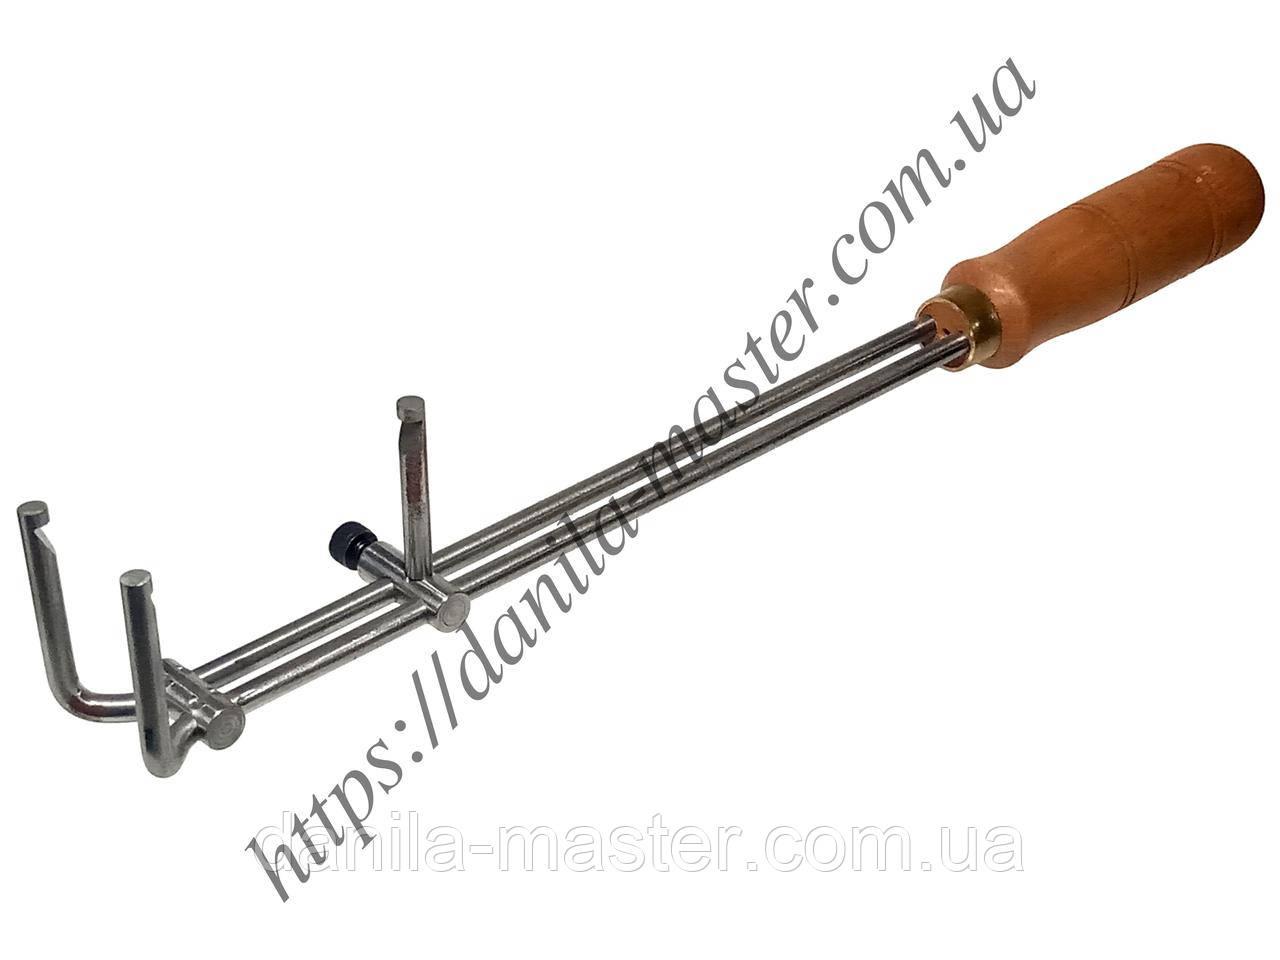 Тримач для тиглів з регульованим повзунком. Довжина - 350 мм